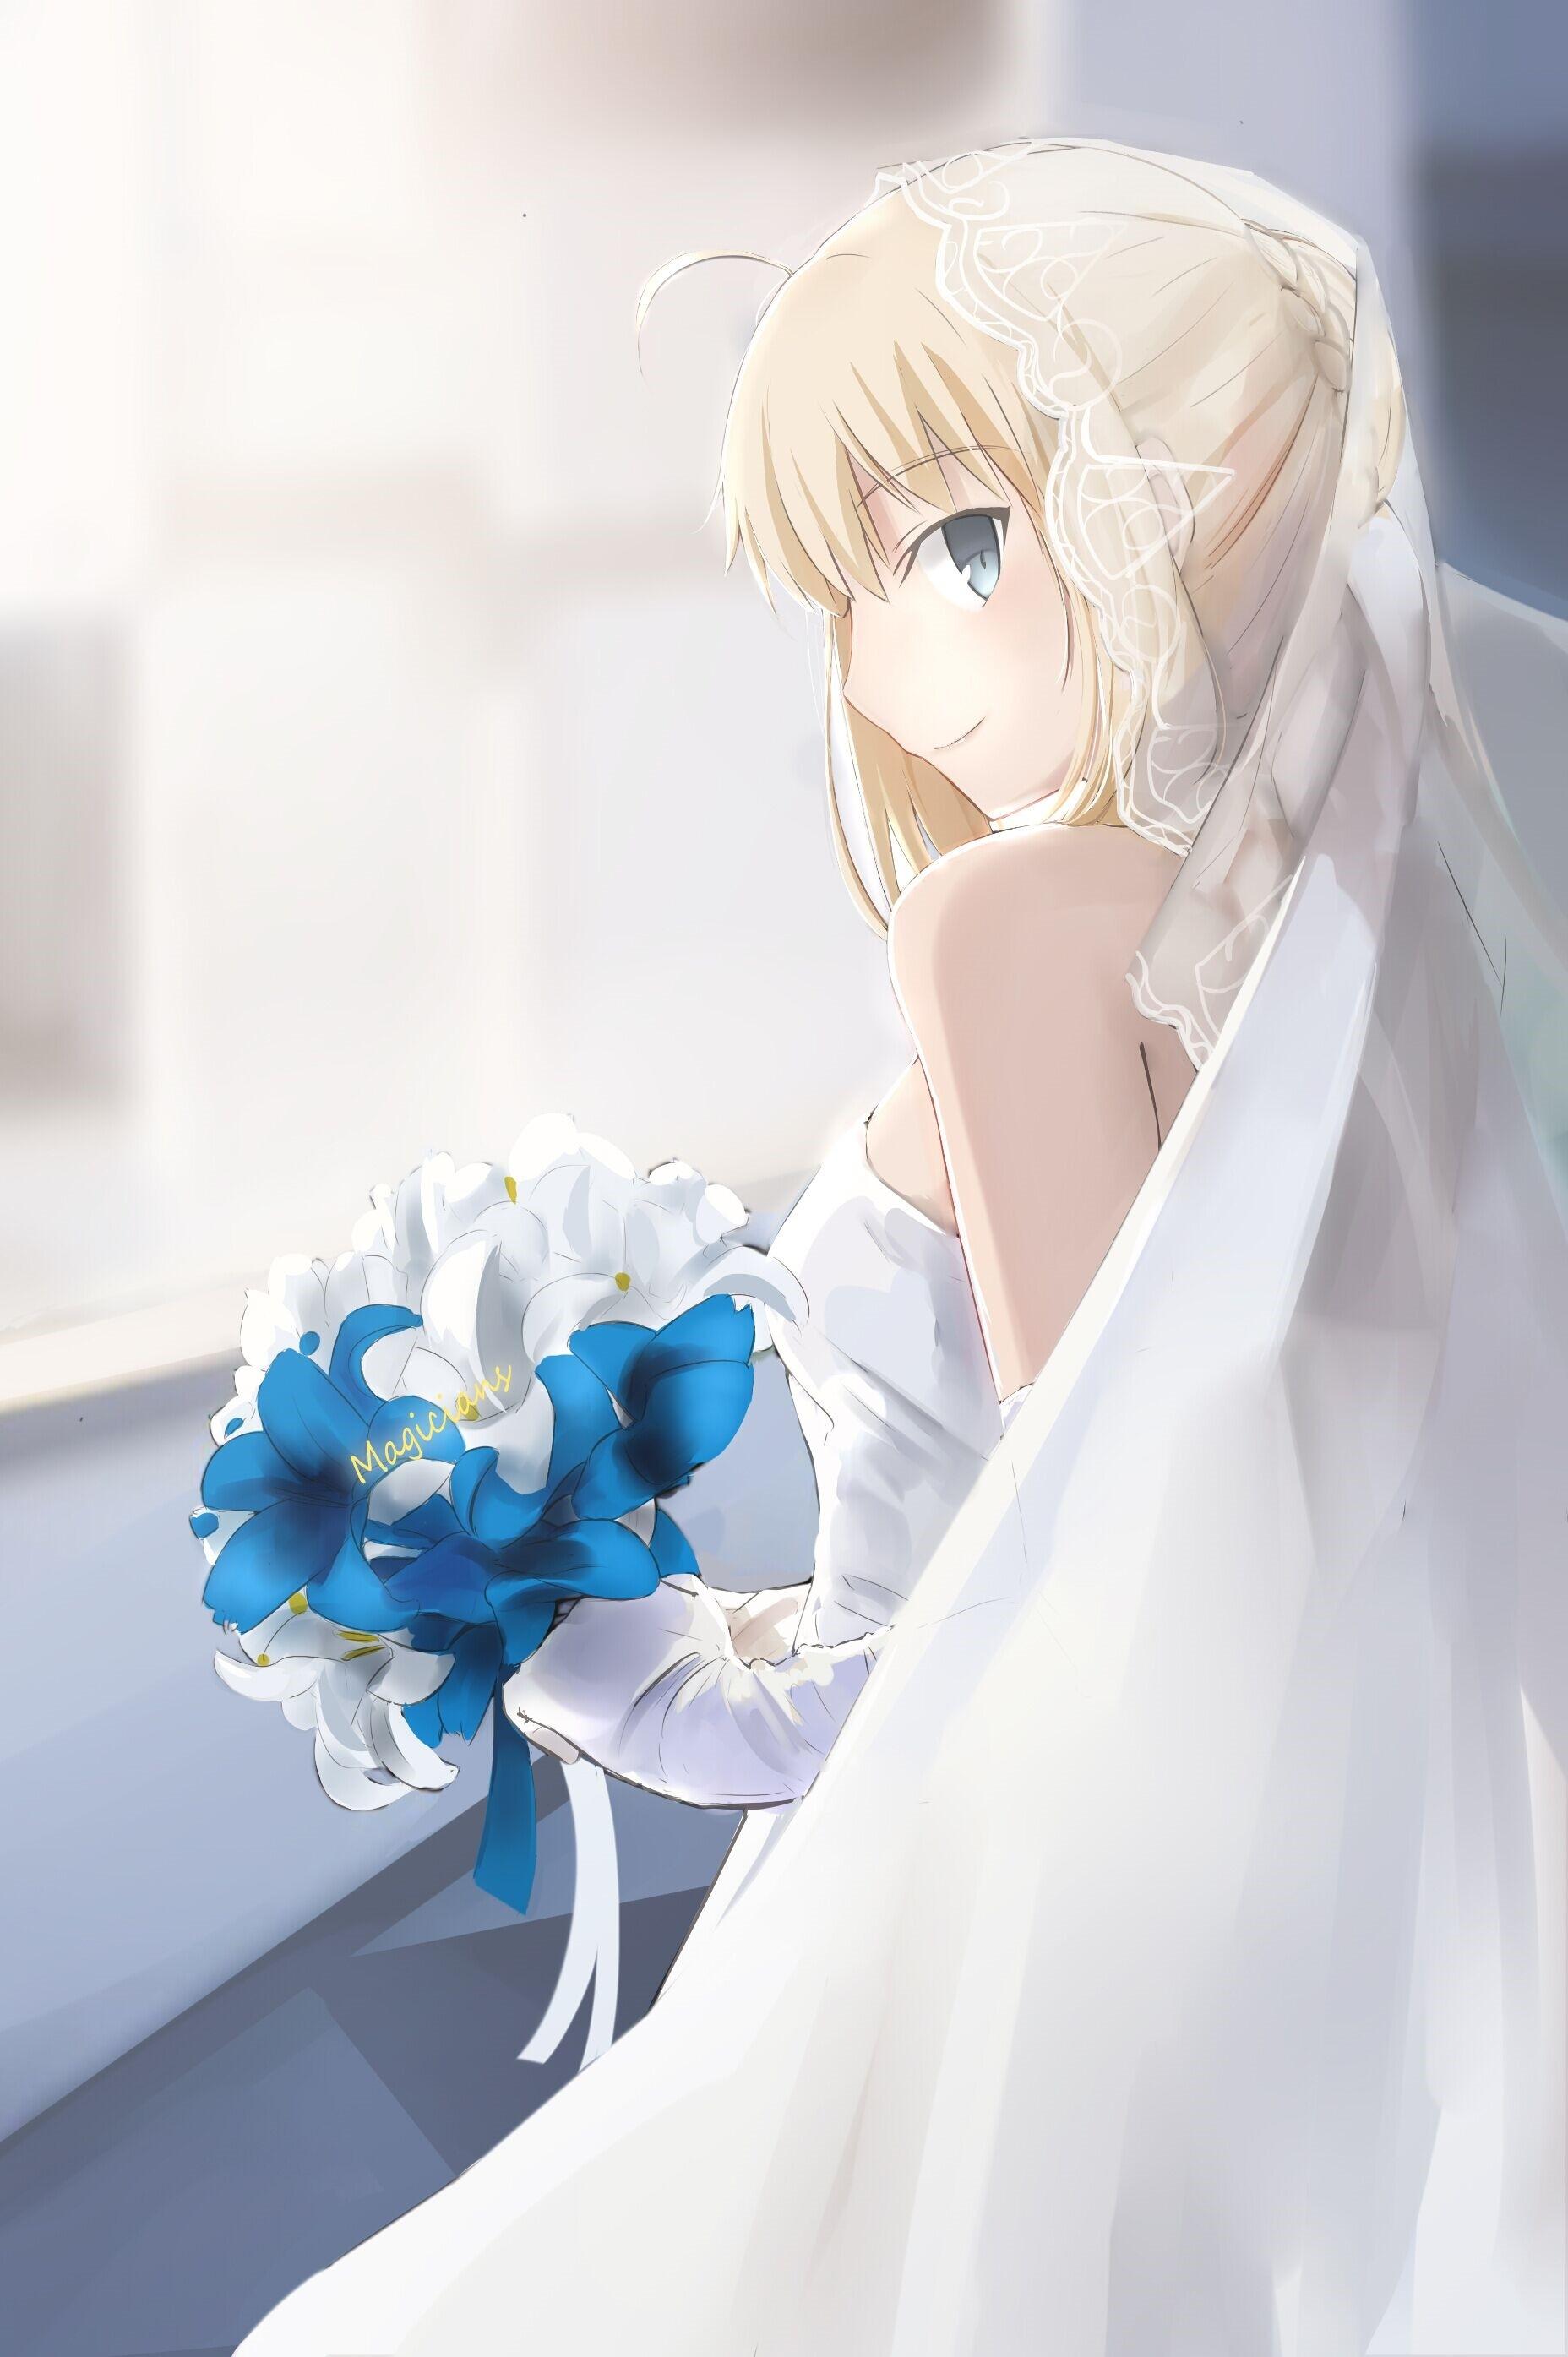 Hintergrundbilder : Anime Mädchen, Kunstwerk, blau, Schicksal ...